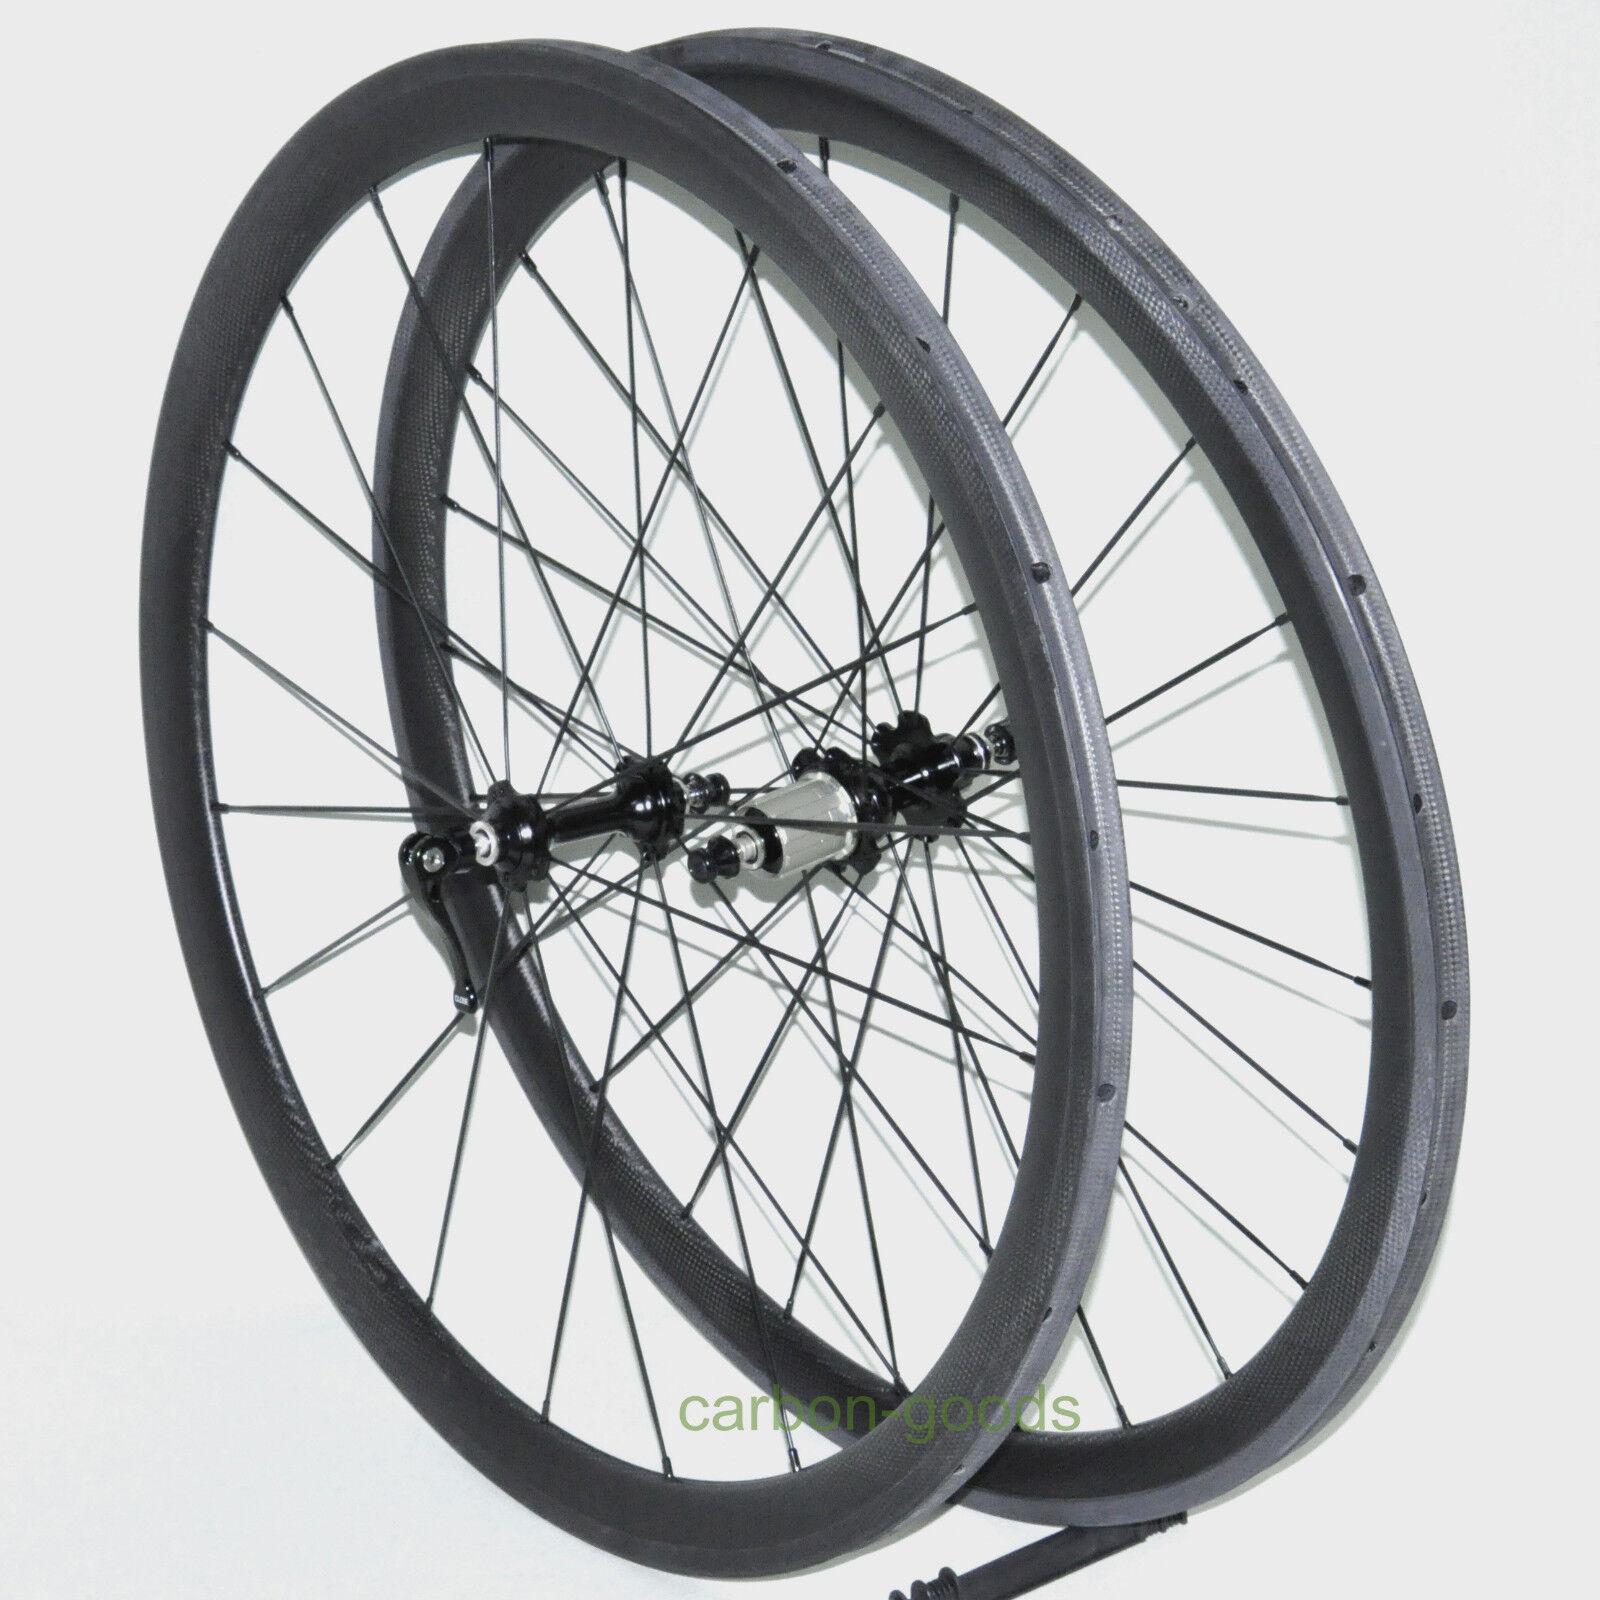 23mm road bike wheels bicycle wheel basalt 20 24h  38mm Tubular skewer 700C wheel  best quality best price